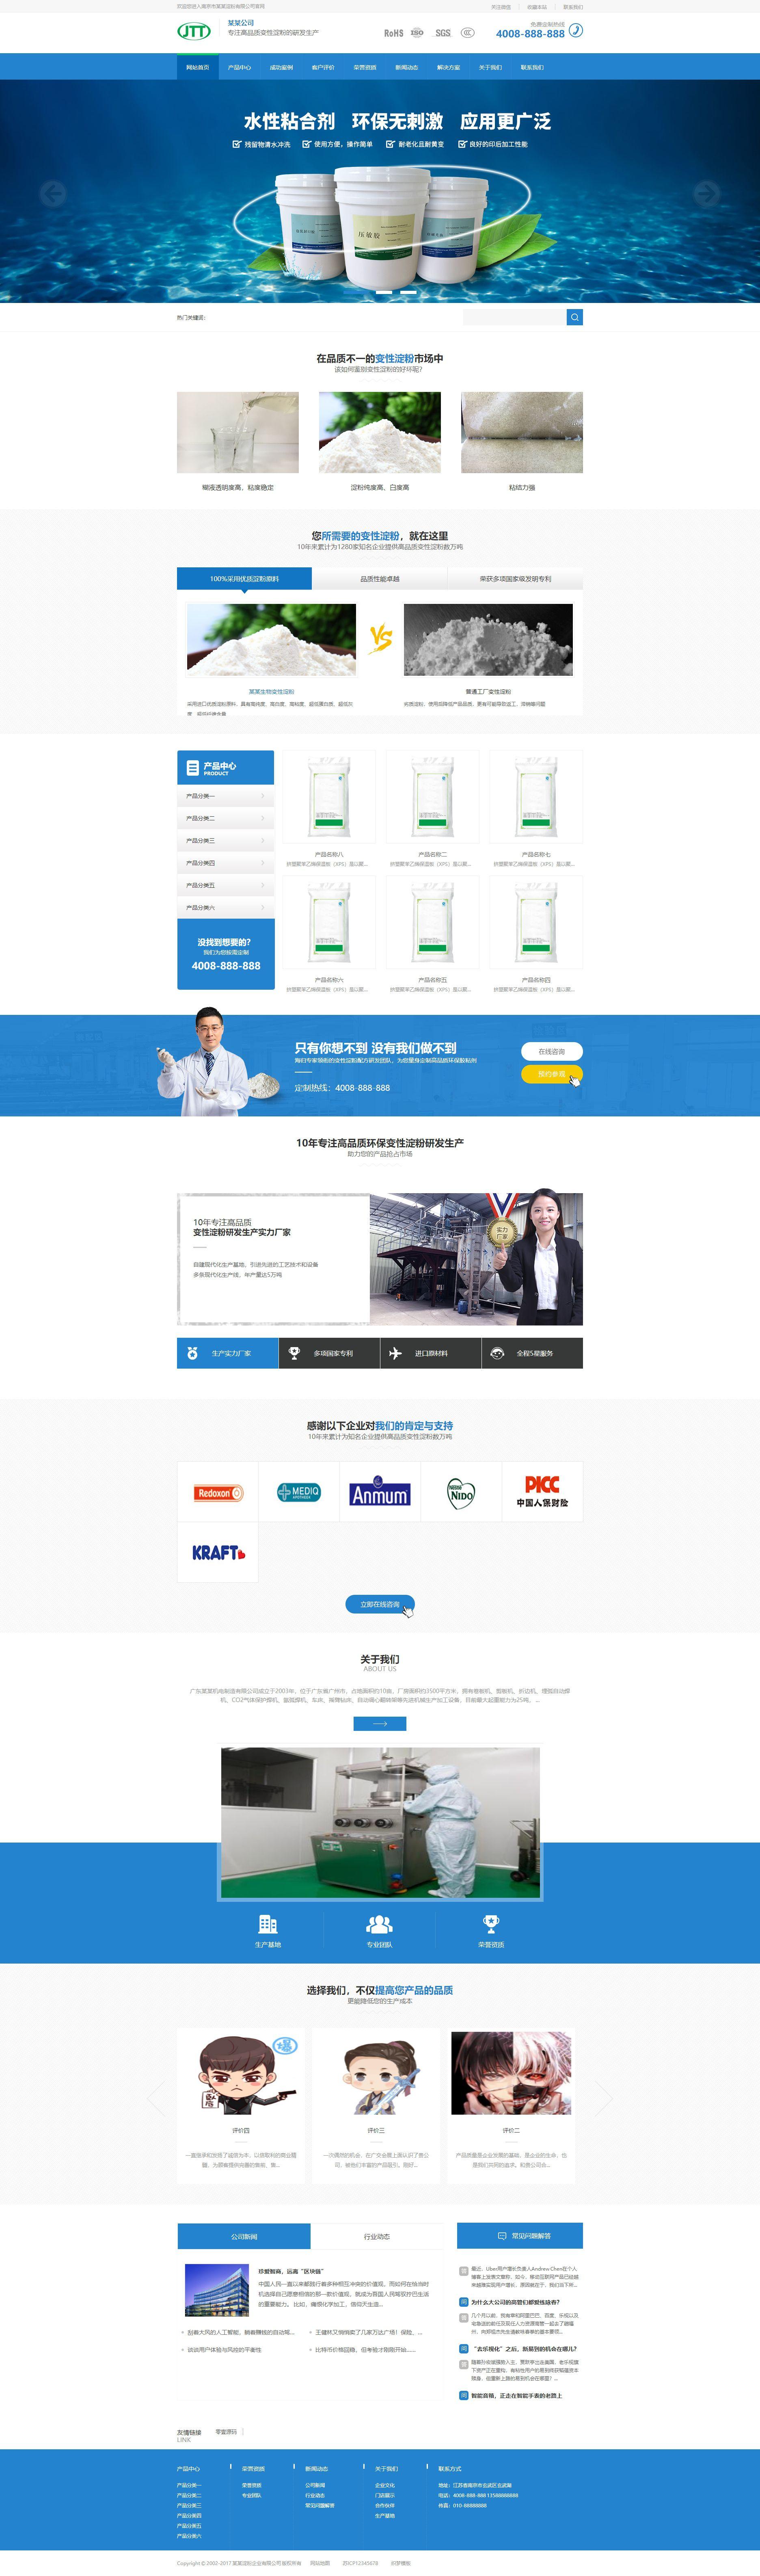 营销型淀粉原材料销售网站织梦dedecms模板(带手机端)